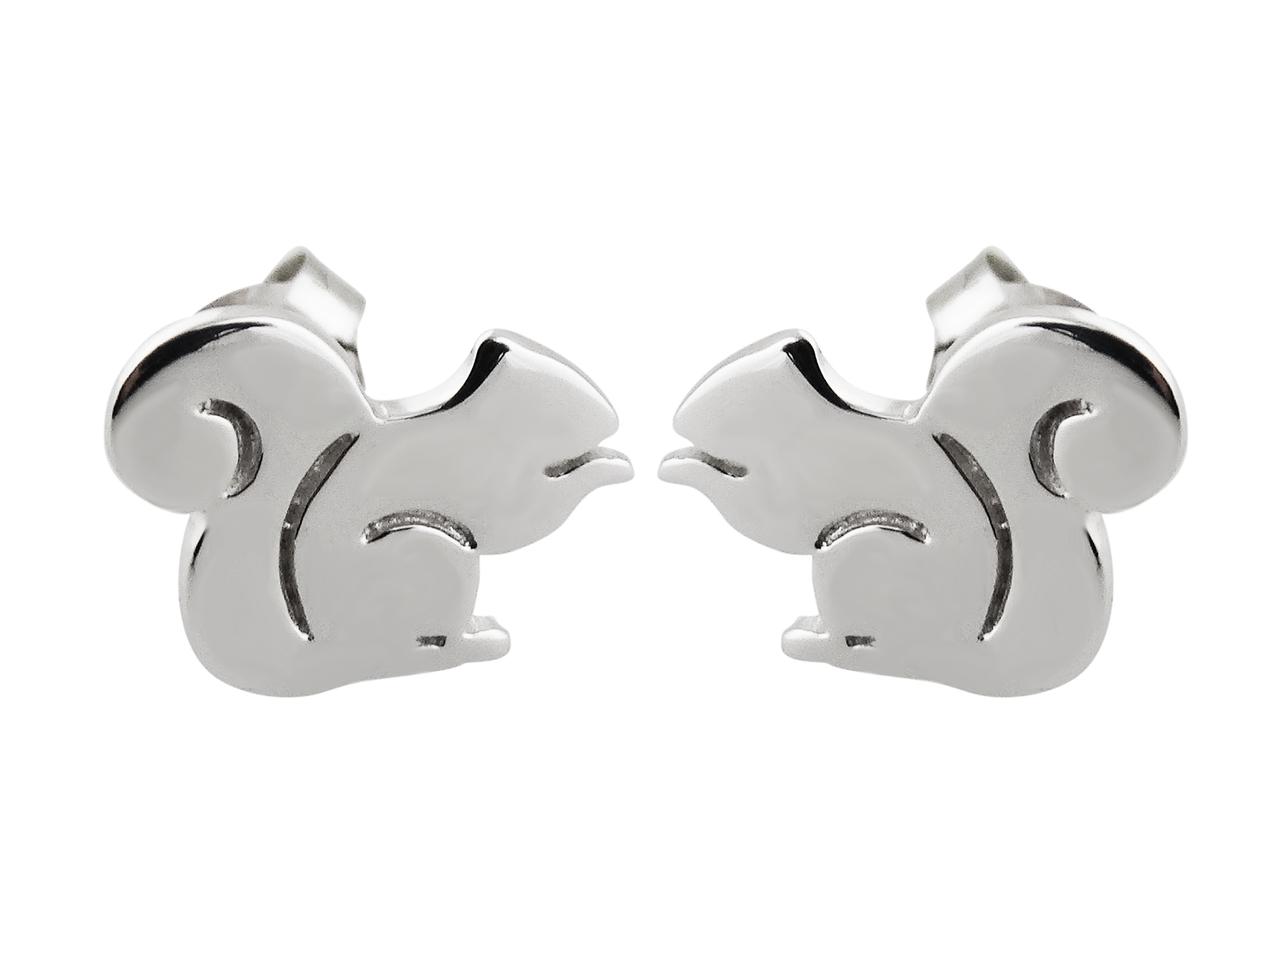 Squirrel STUD EARRINGS - 925 Sterling Silver